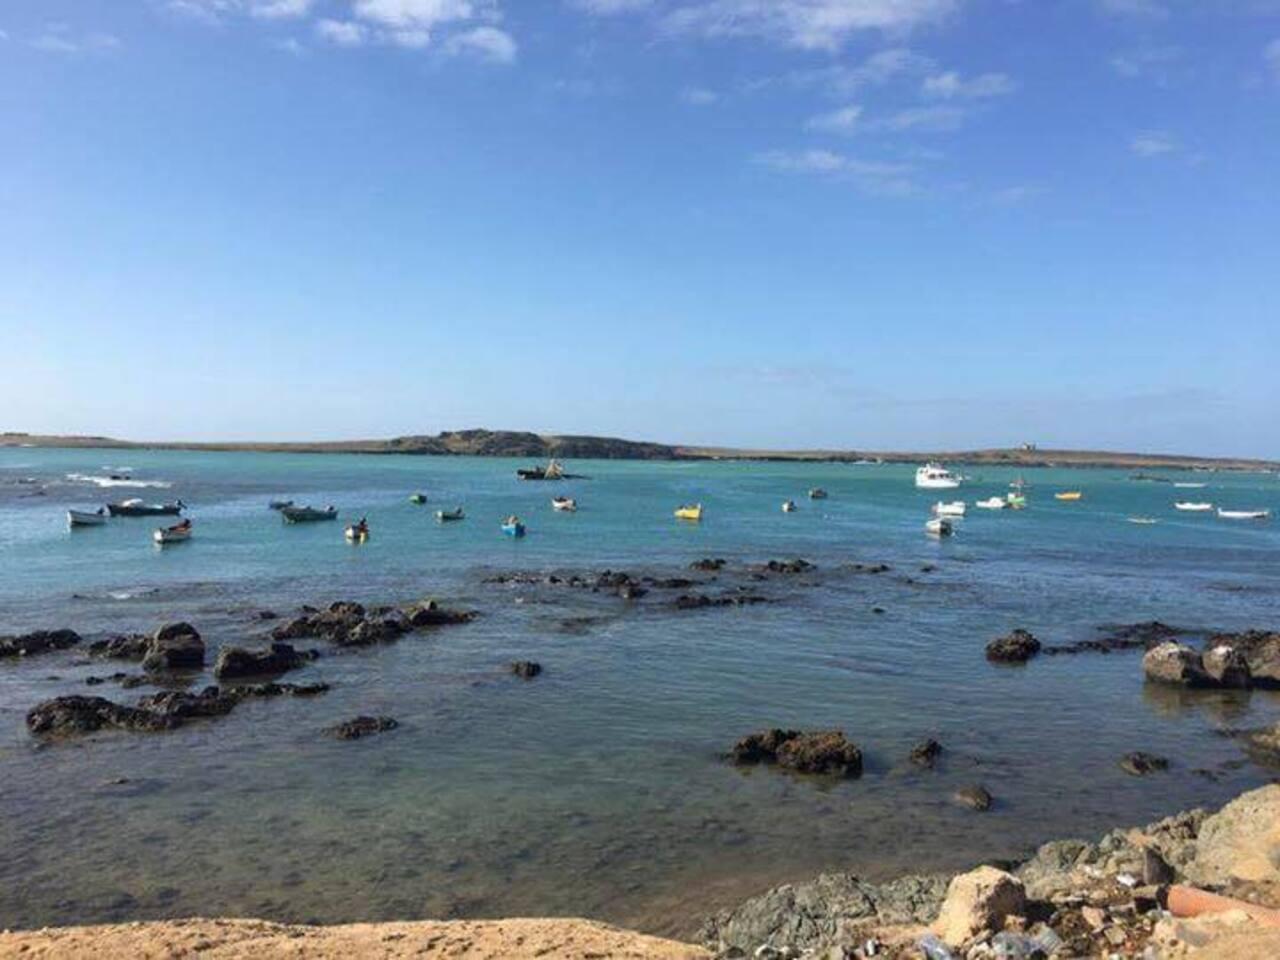 Vista dall appartamento caratteristica particolare dell isola , tantissime barche colorate